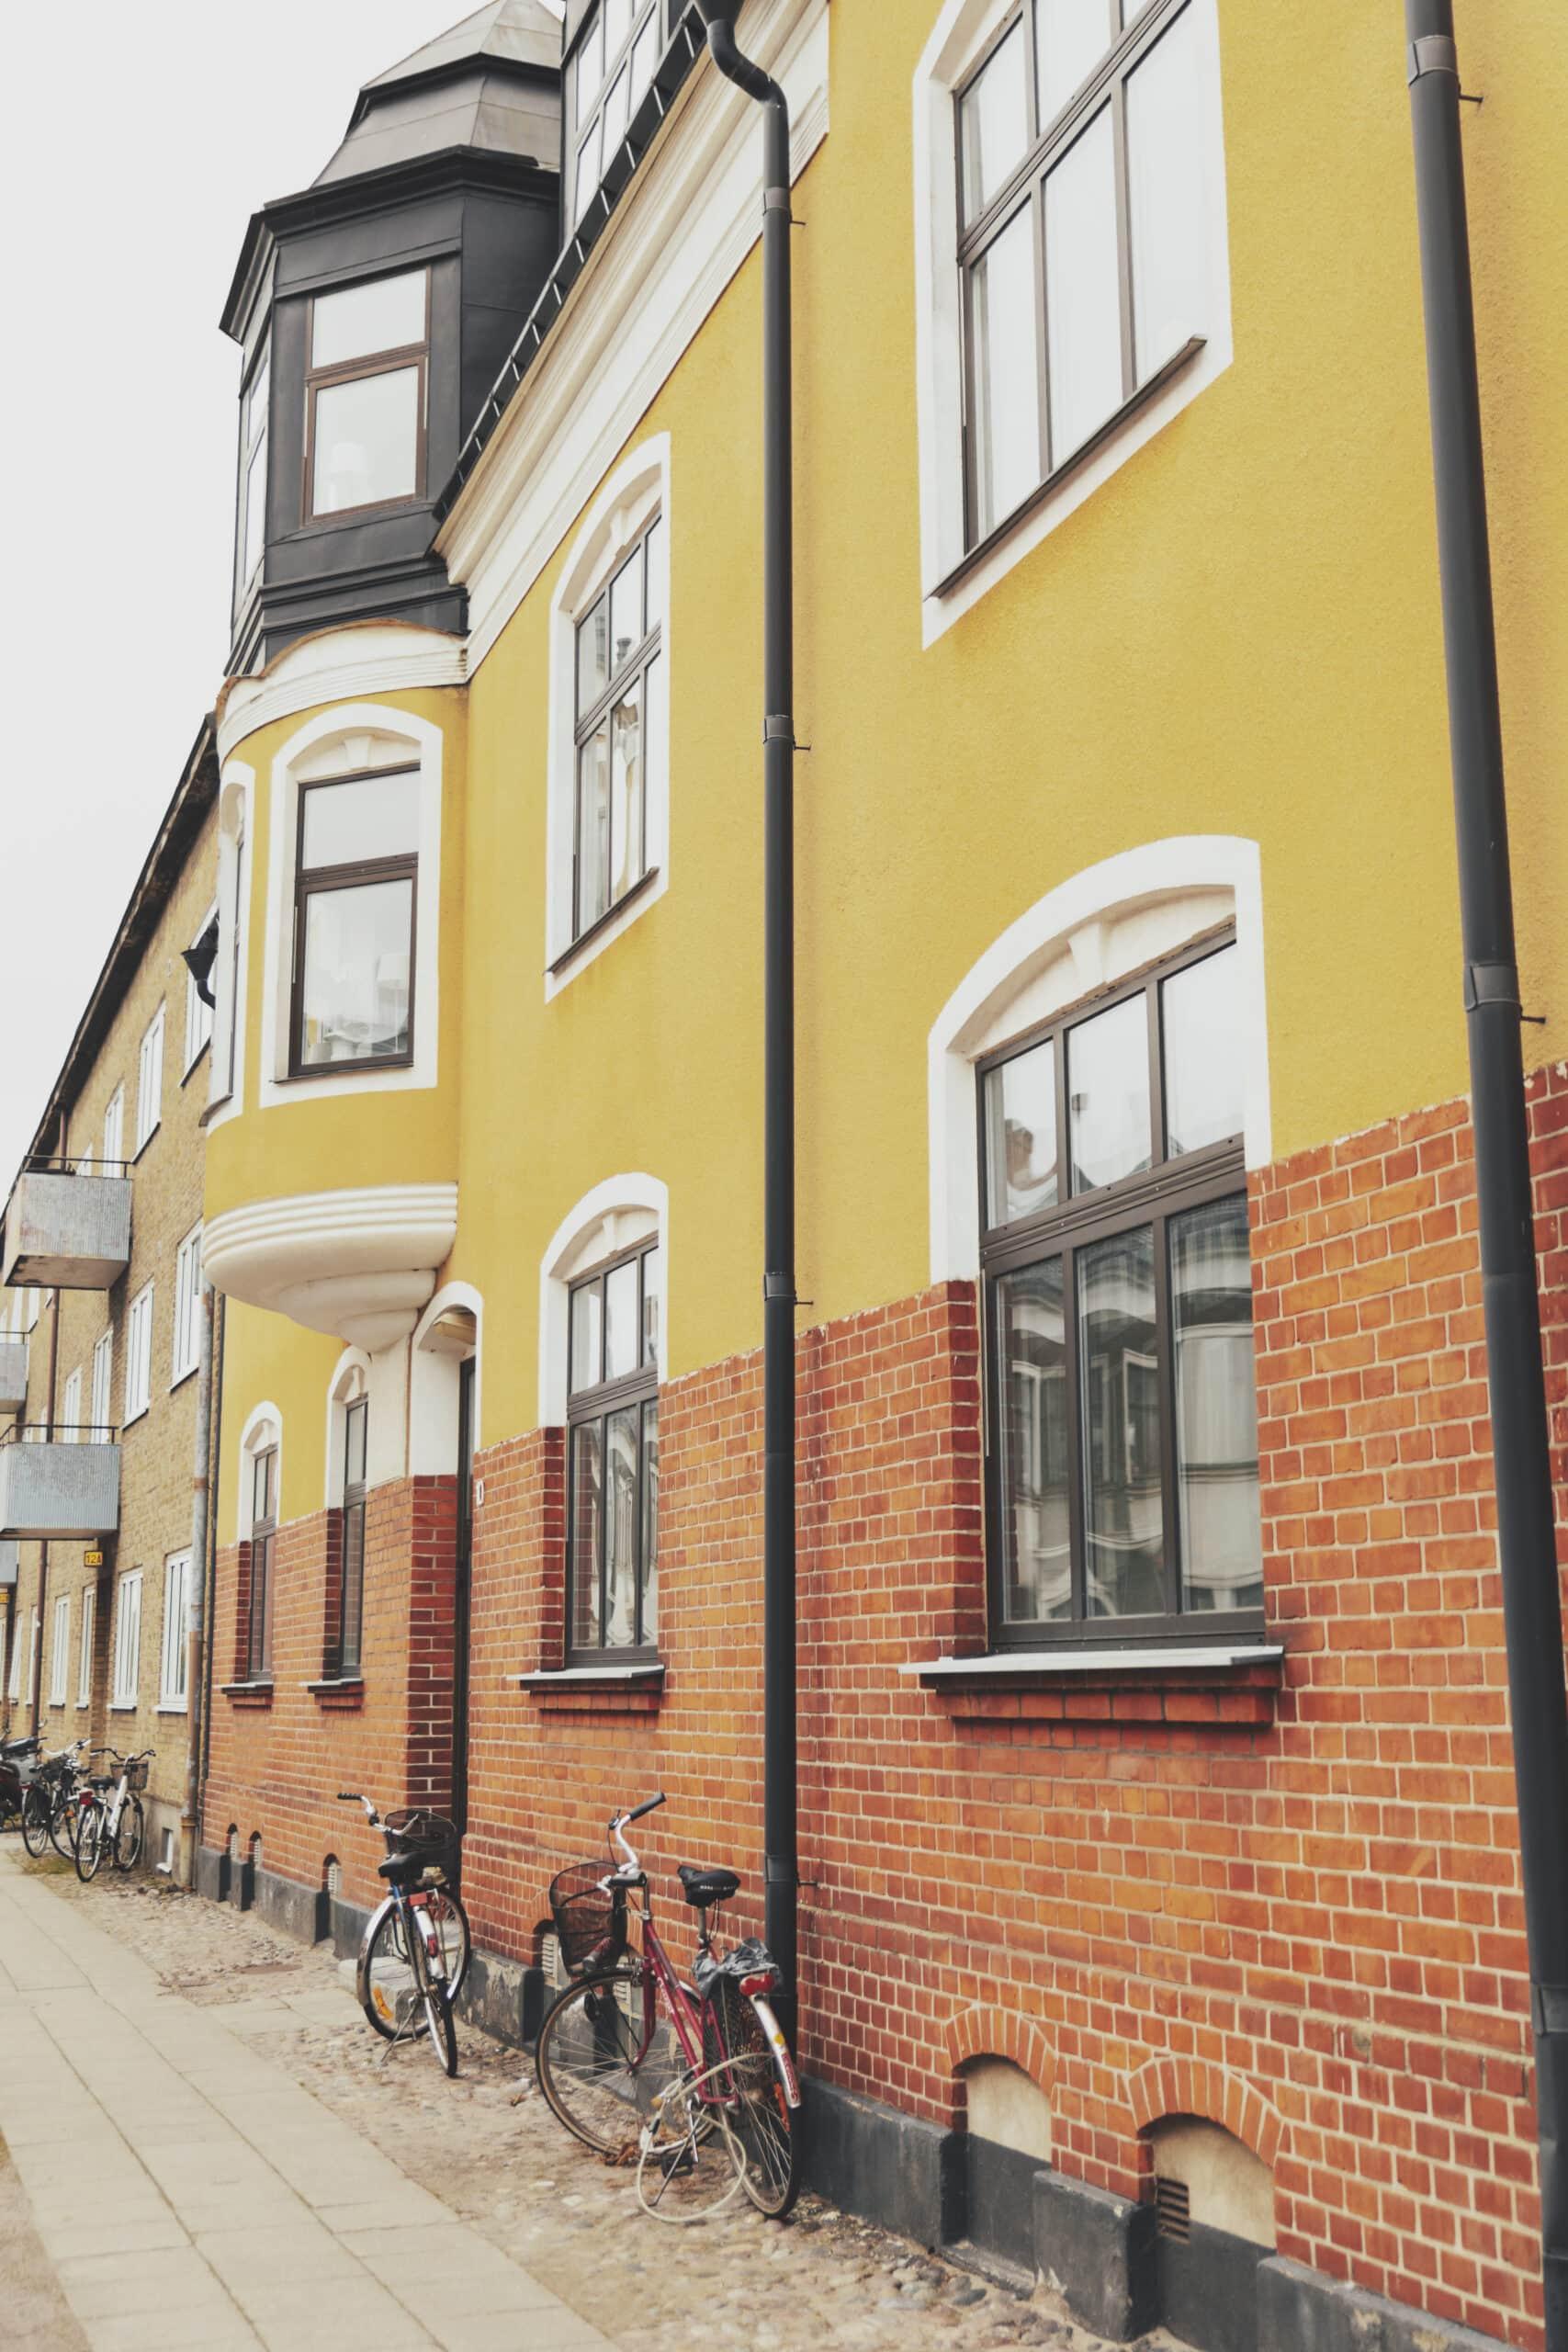 You'll visit Mariagatan, where Wallander lives.